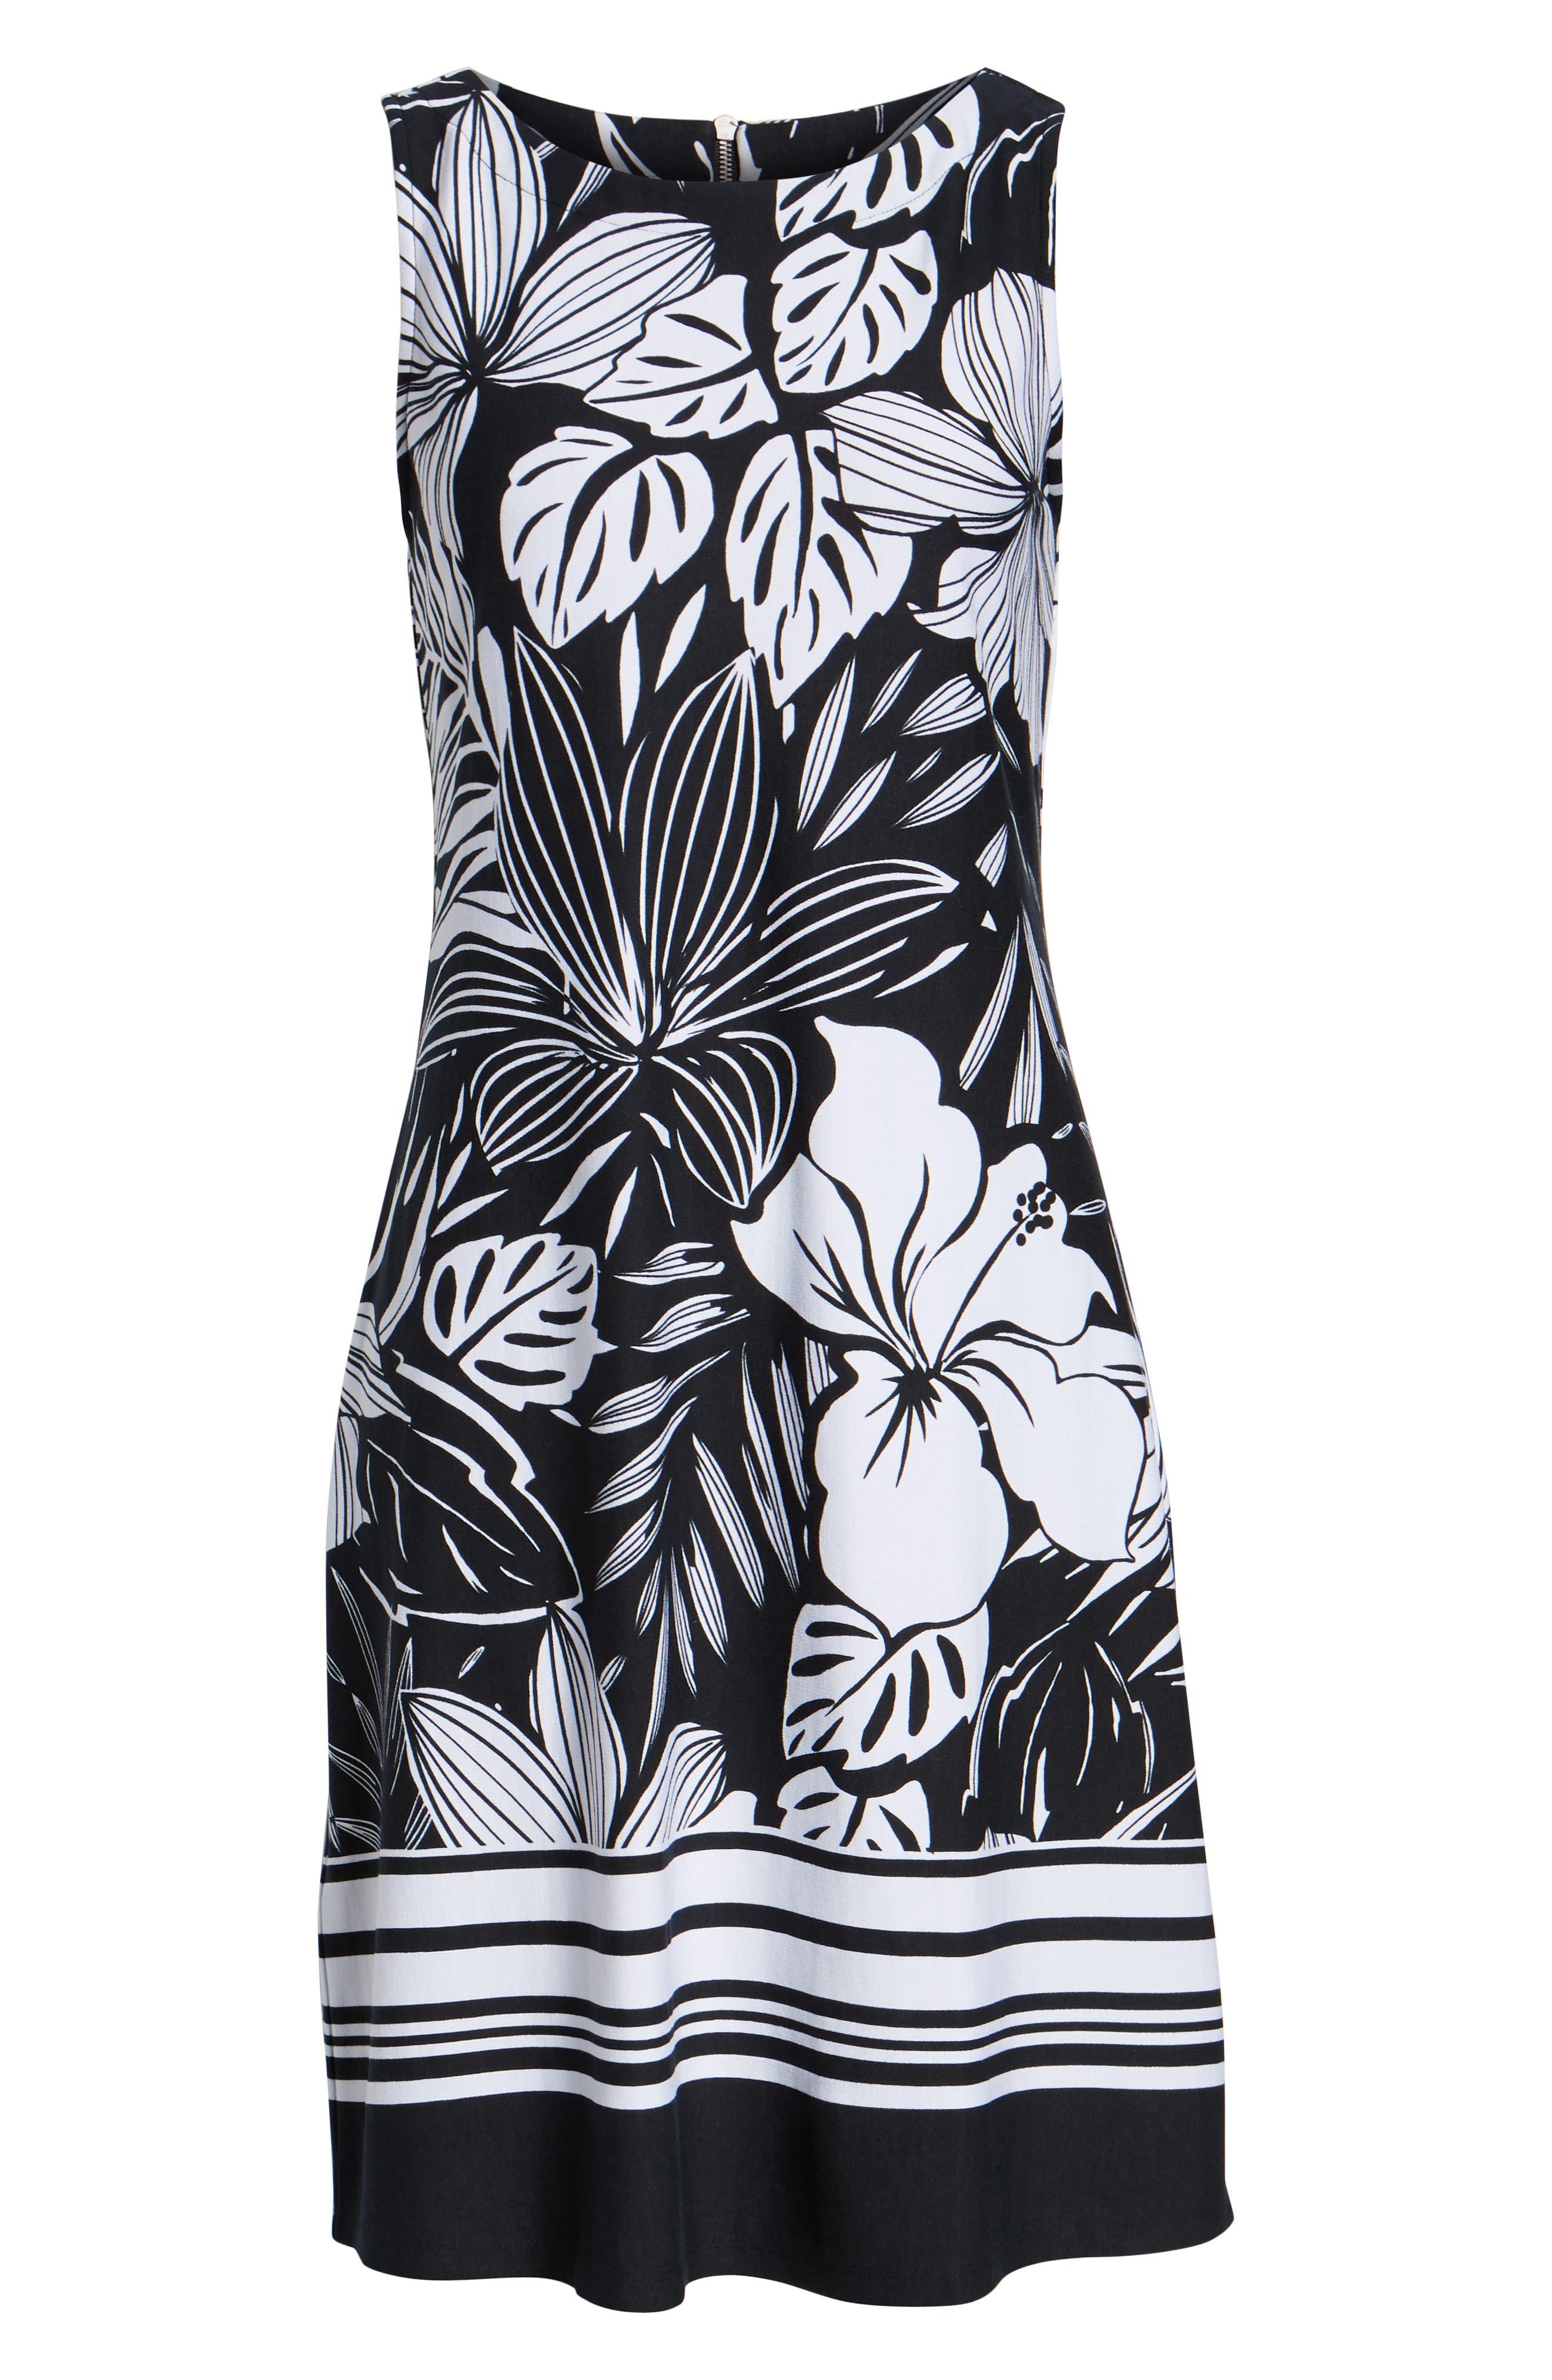 TOMMY BAHAMA,                             Mahana Beach Sheath Dress,                             Alternate thumbnail 7, color,                             BLACK